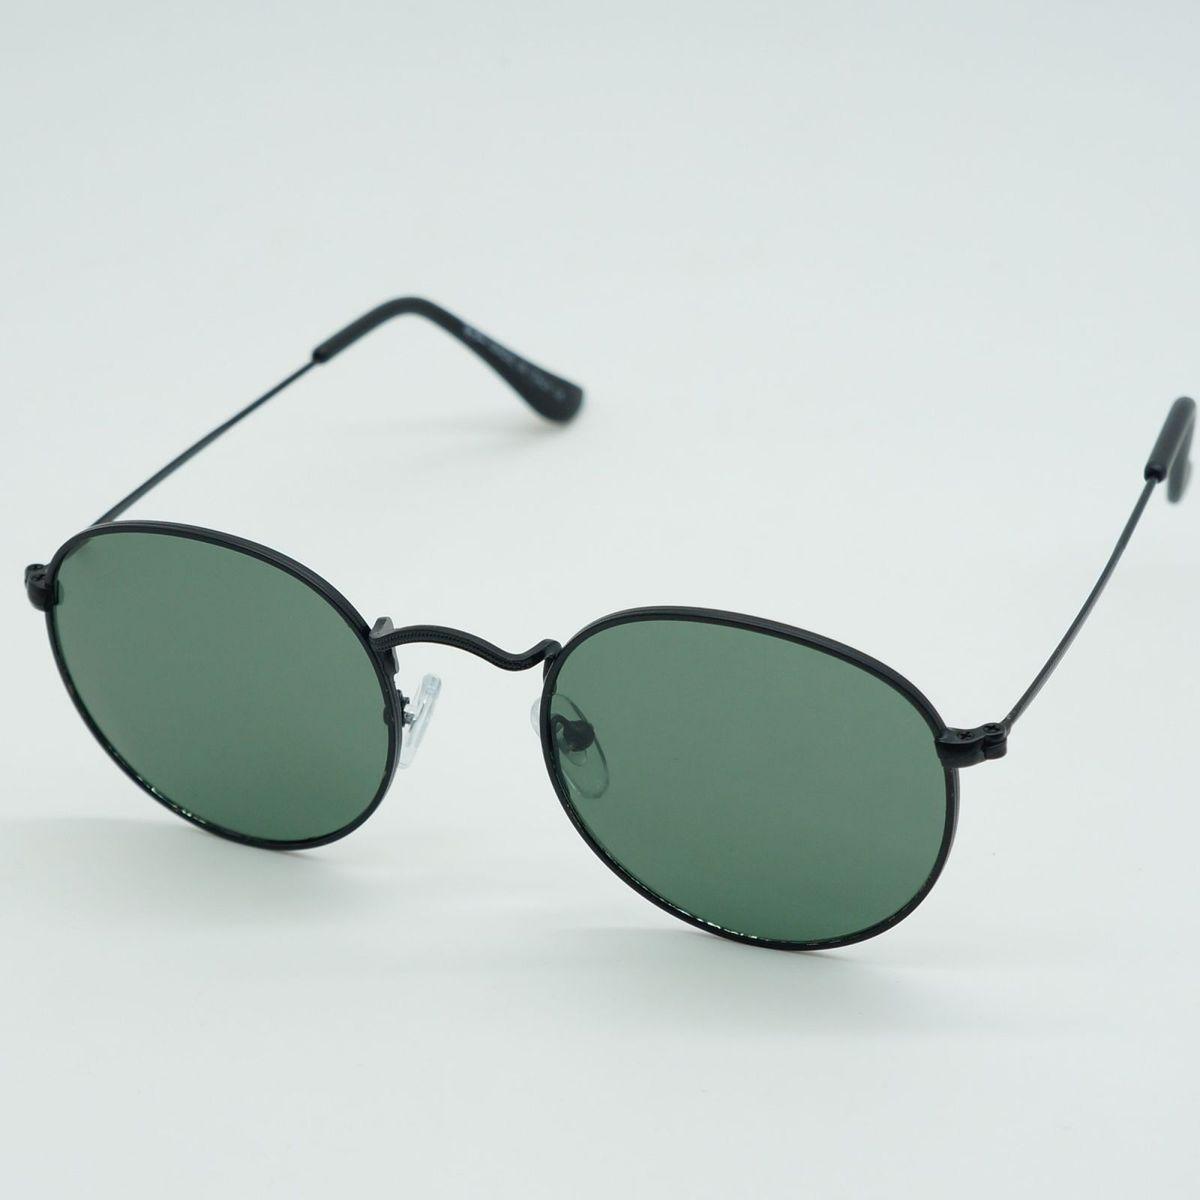 Oculos de Sol Masculino Feminino Redondo Preto   Óculos Masculino ... a874ef95e6